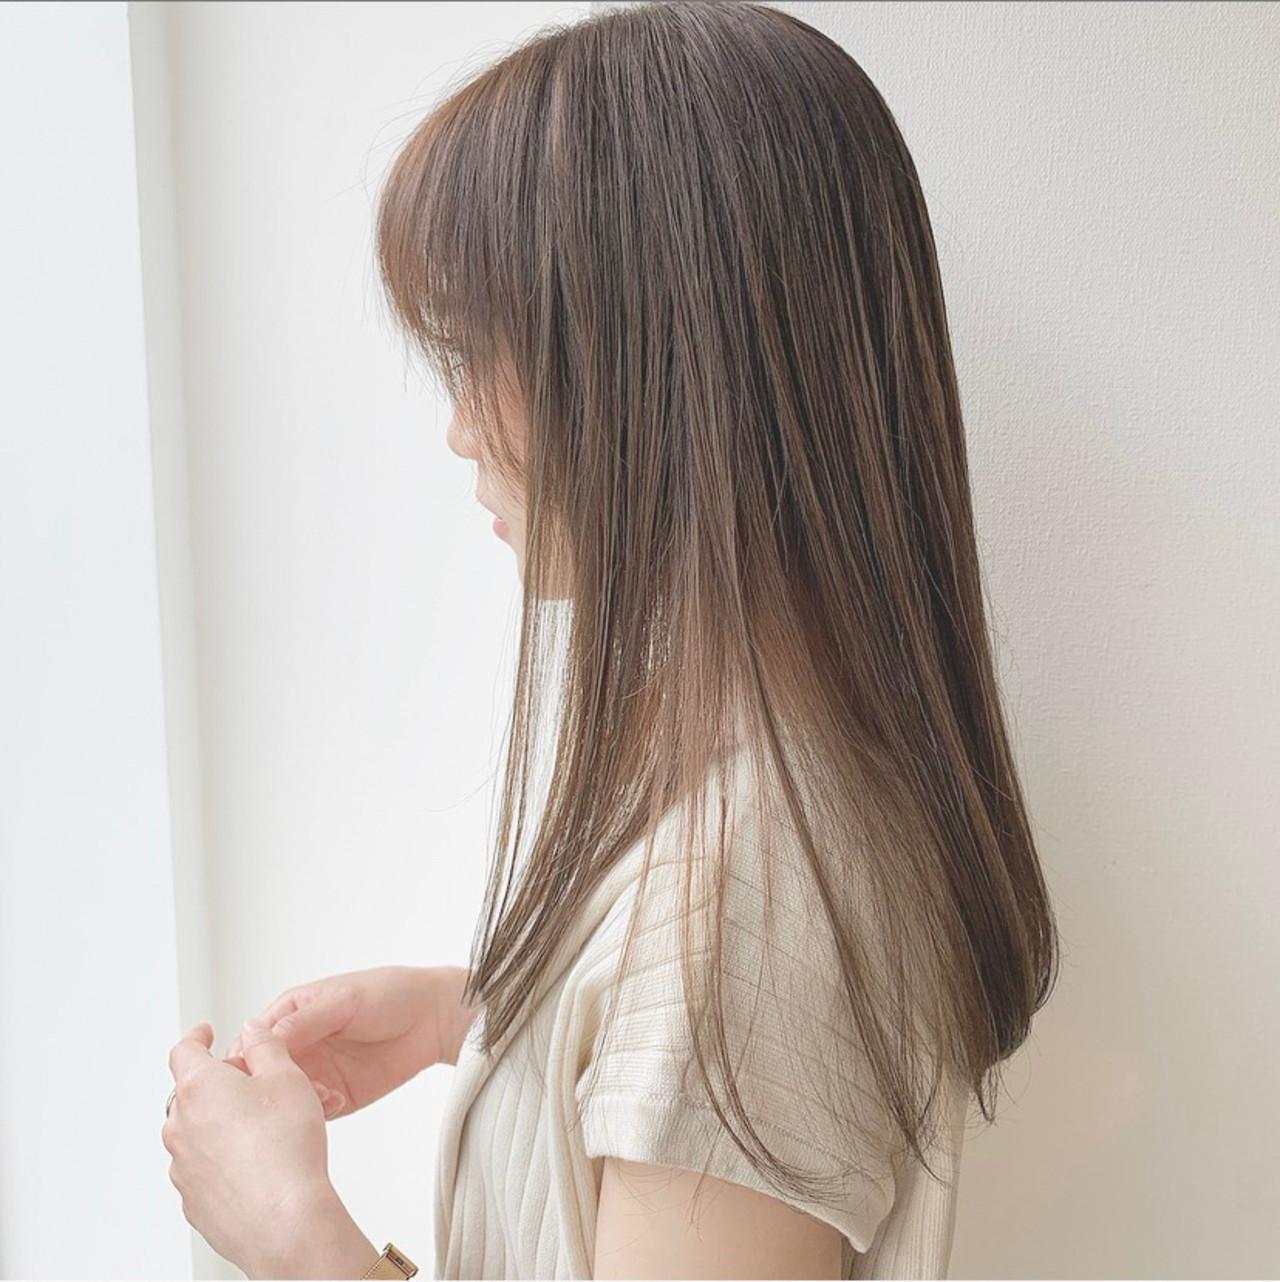 ストレート 透け感 ベージュ ナチュラル ヘアスタイルや髪型の写真・画像